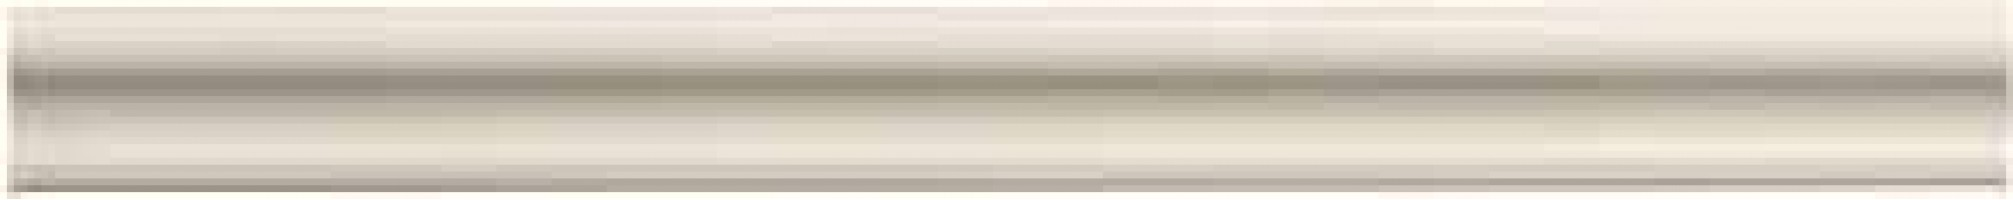 Специальный элемент 1042795 Tentazioni V-Cap Vaniglia 5.5x56 Cir Ceramiche